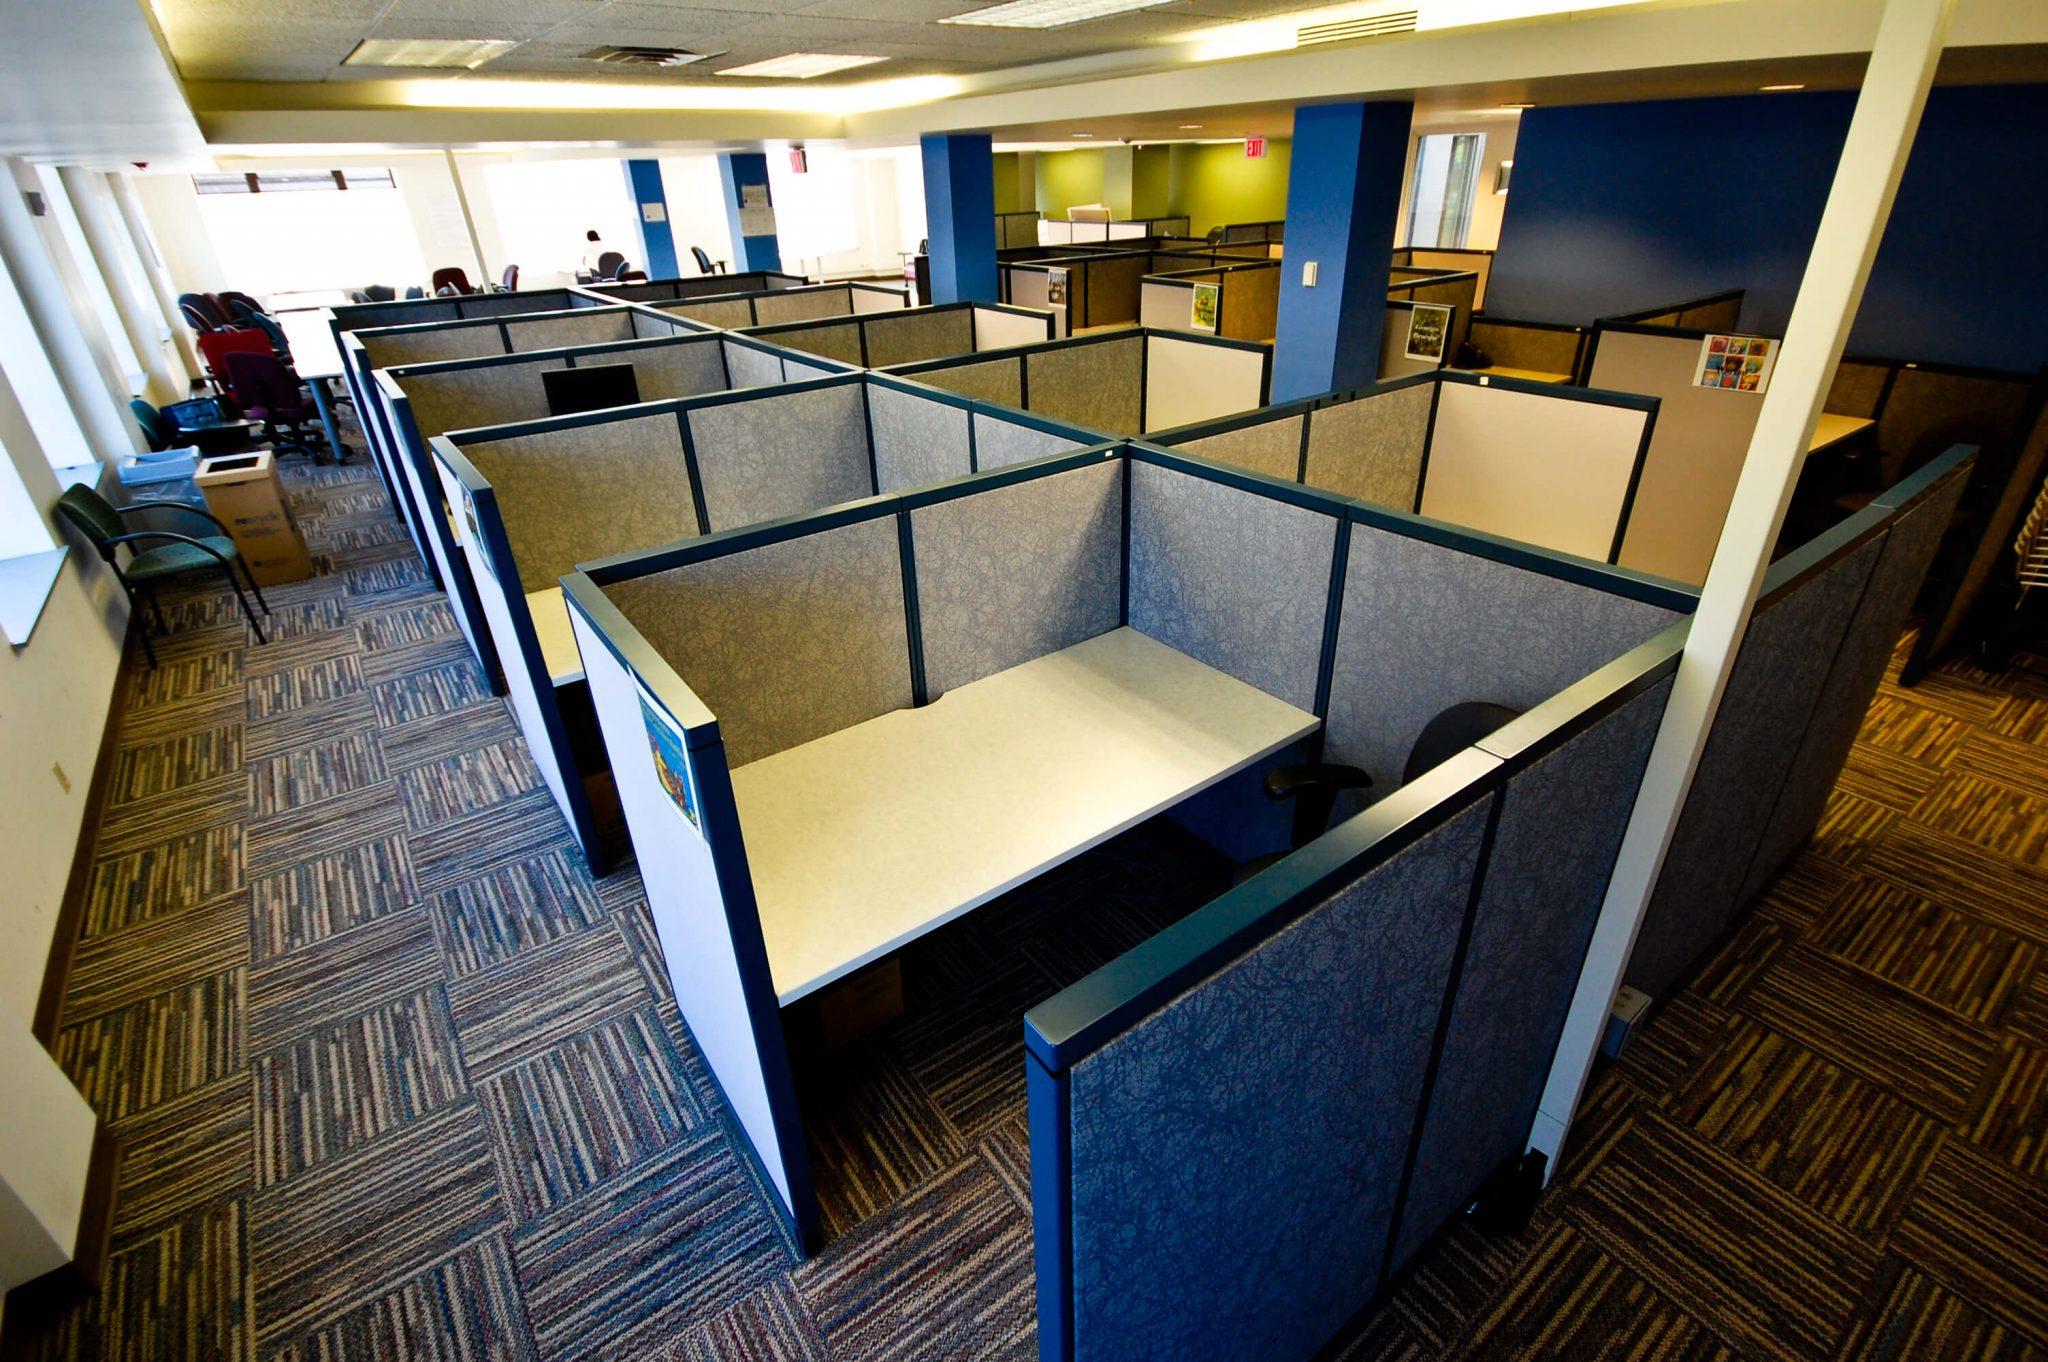 Cubic partition design